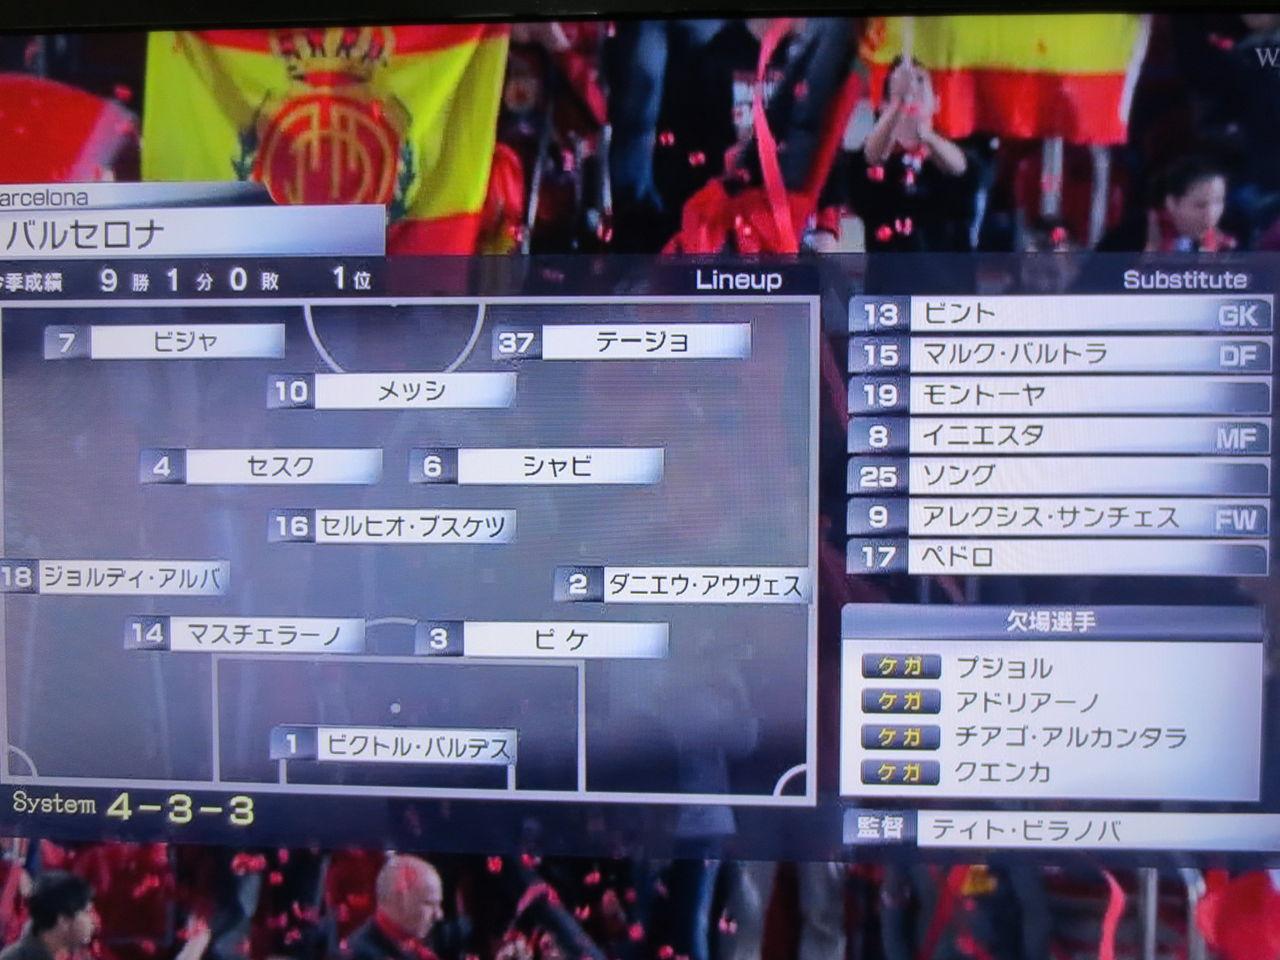 NO Barcelona NO LIFE!  2012-13 リーガエスパニョーラ第11節  マジョルカ vs バルセロナコメント